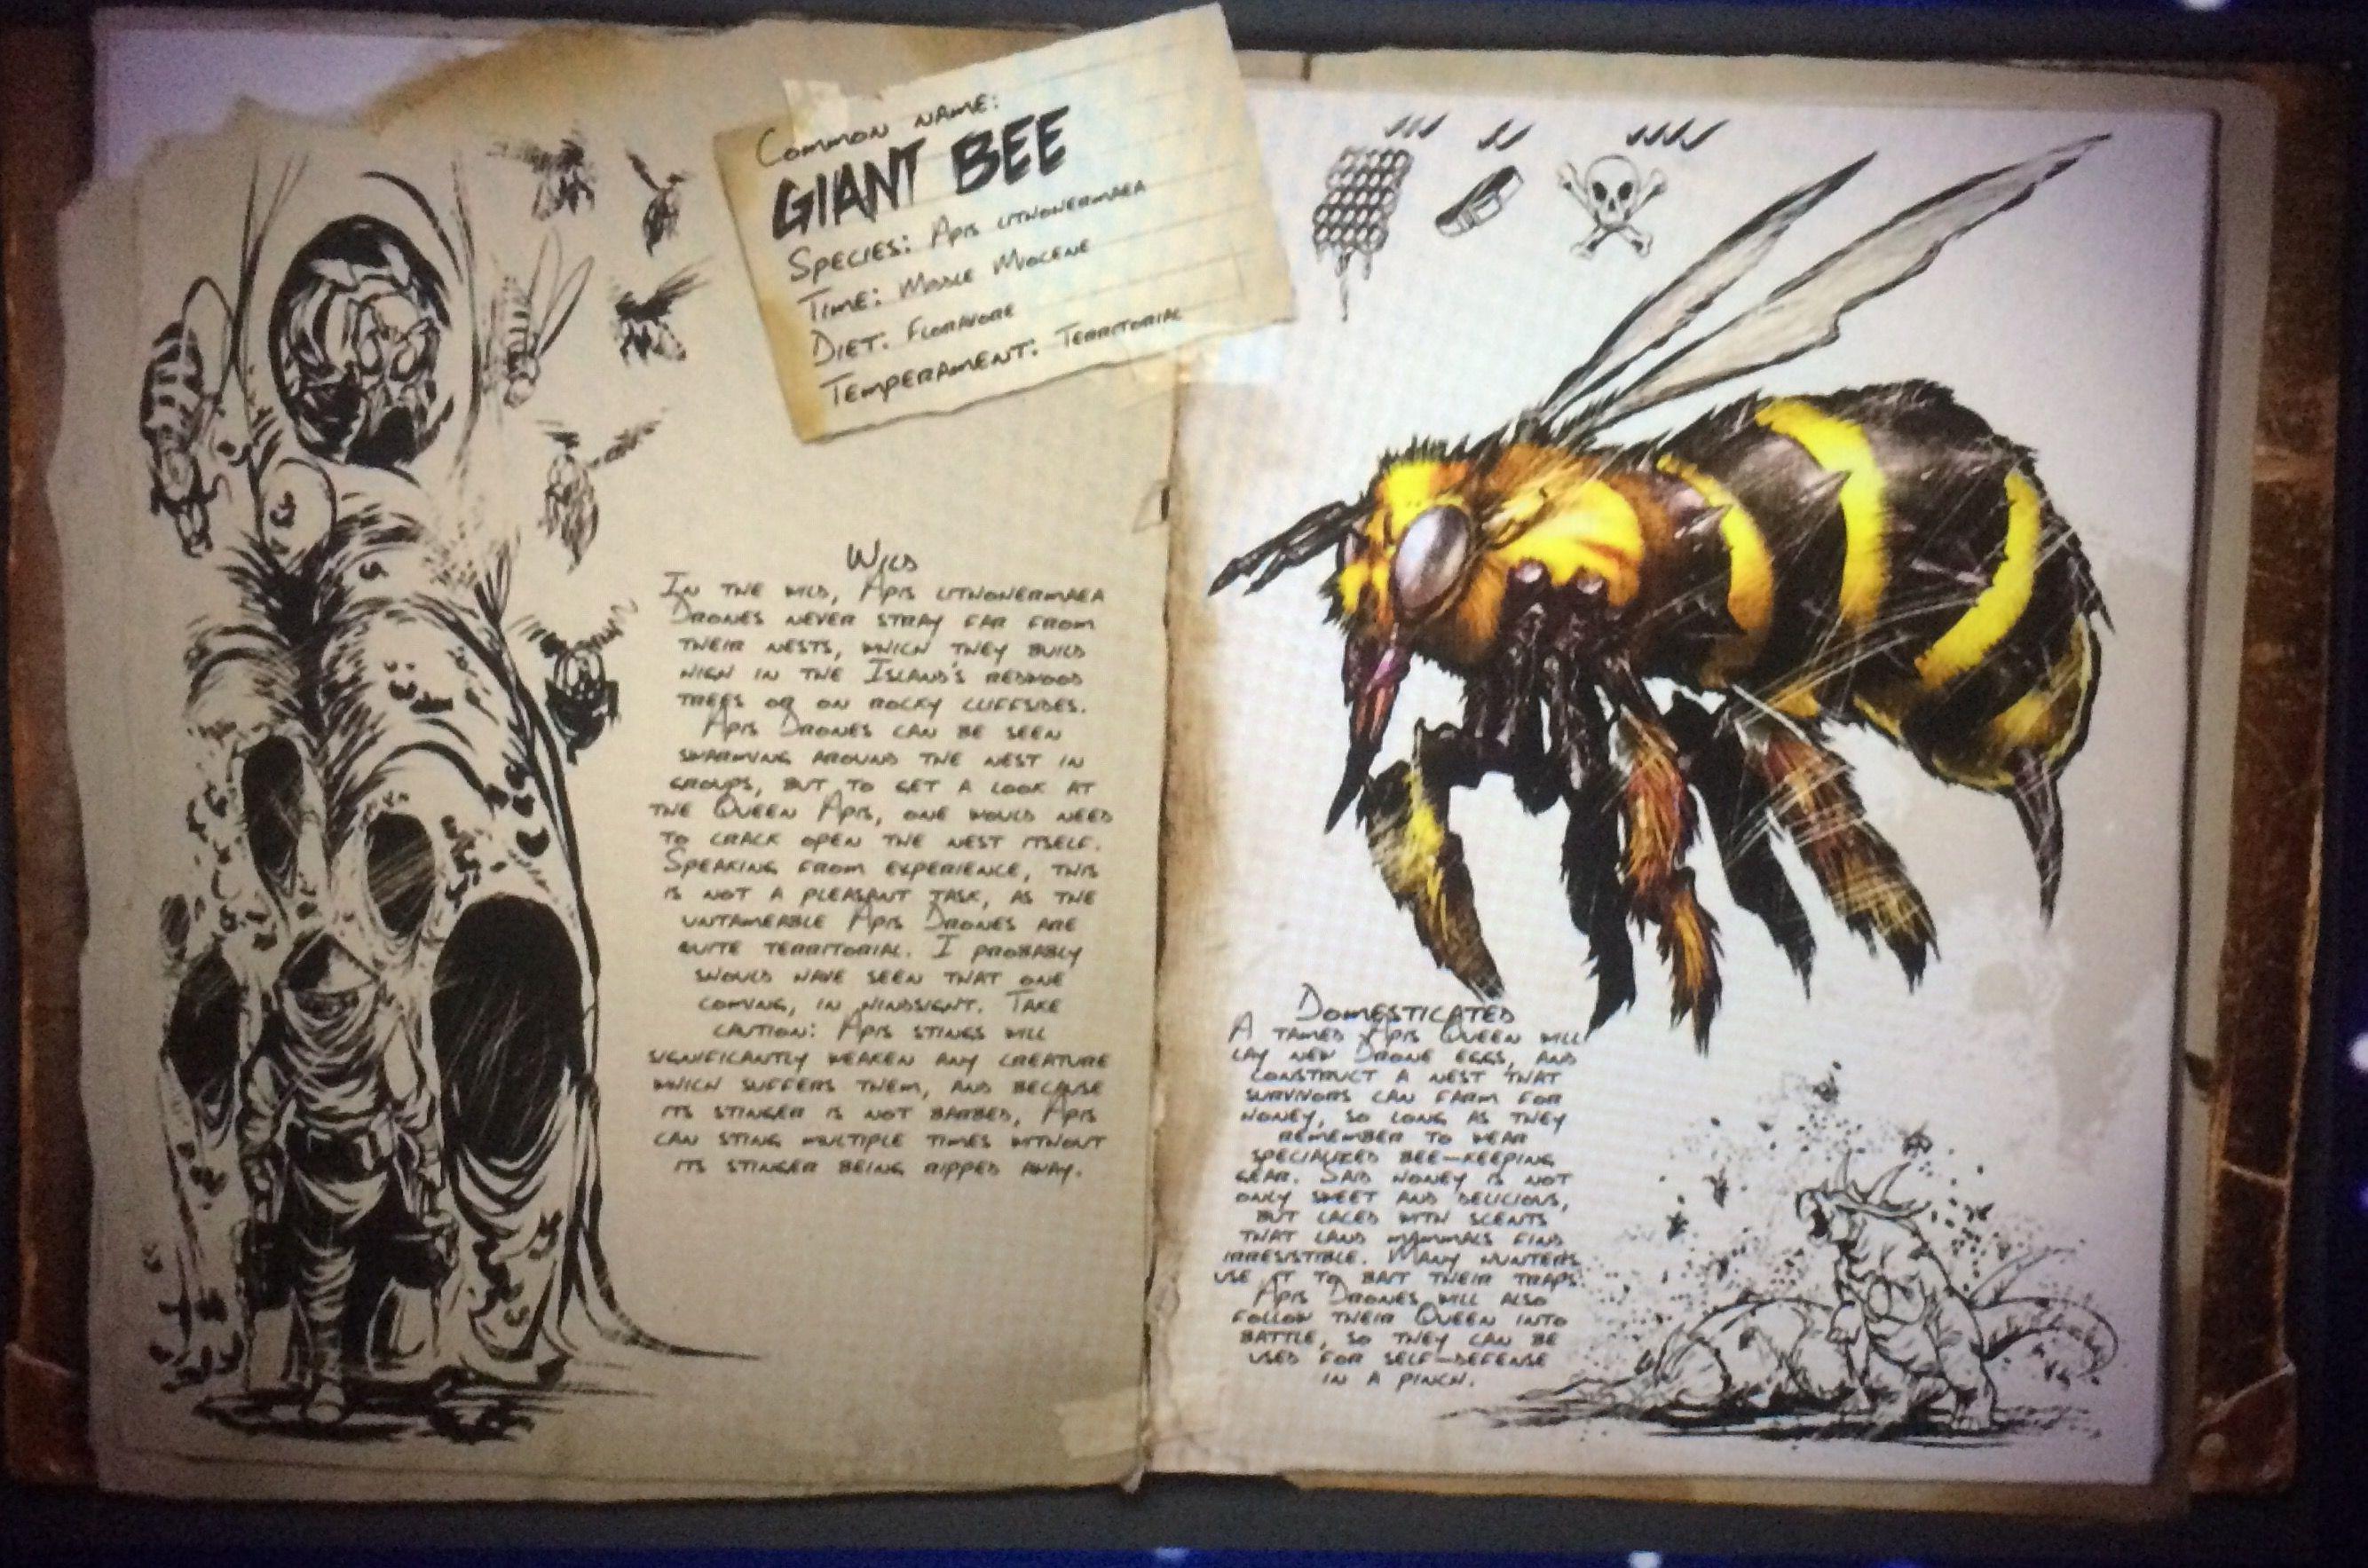 Giant bee - ark survival evolved